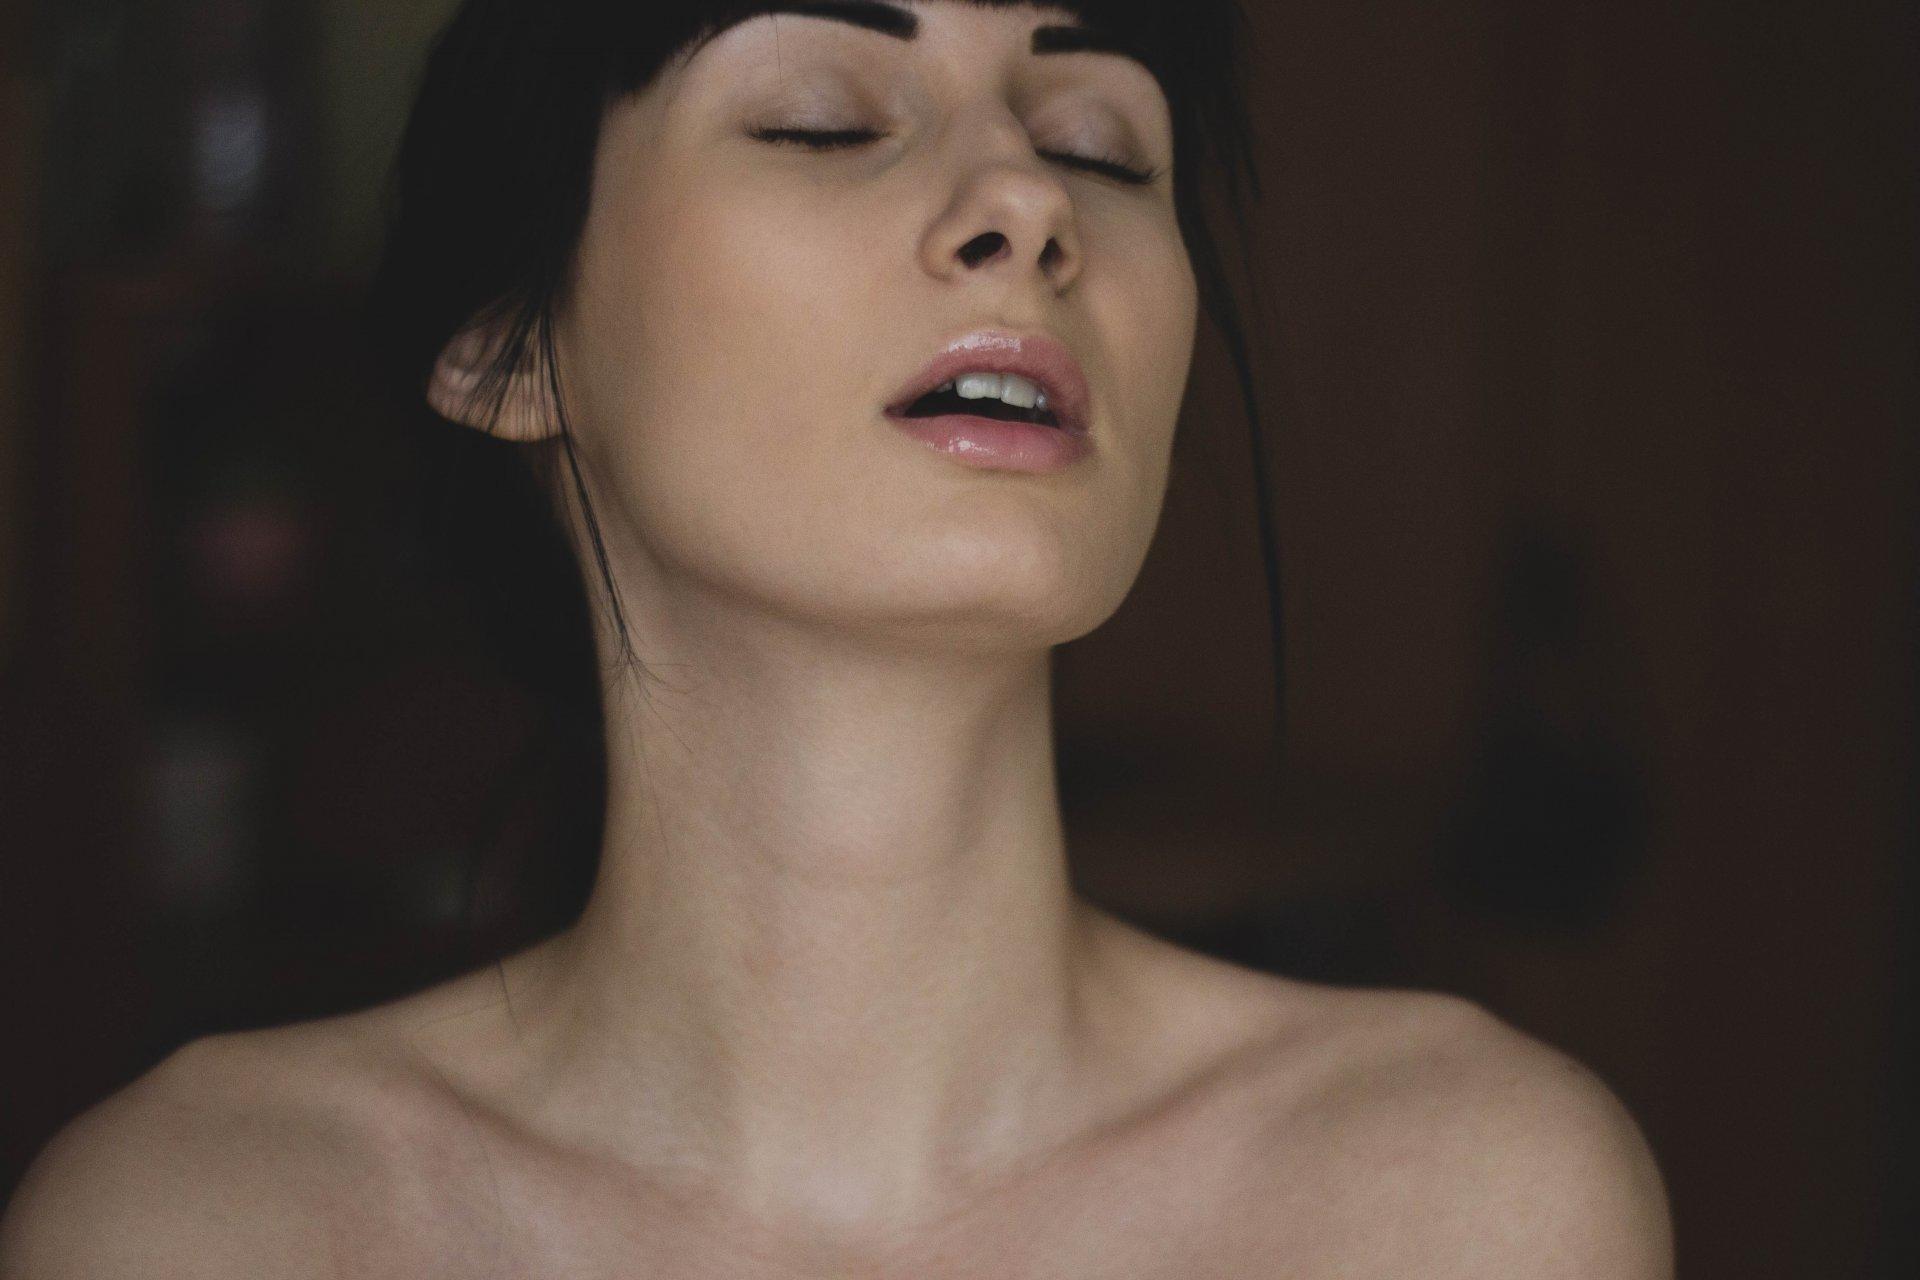 topless-woman-closing-her-eyes-185481.jpg